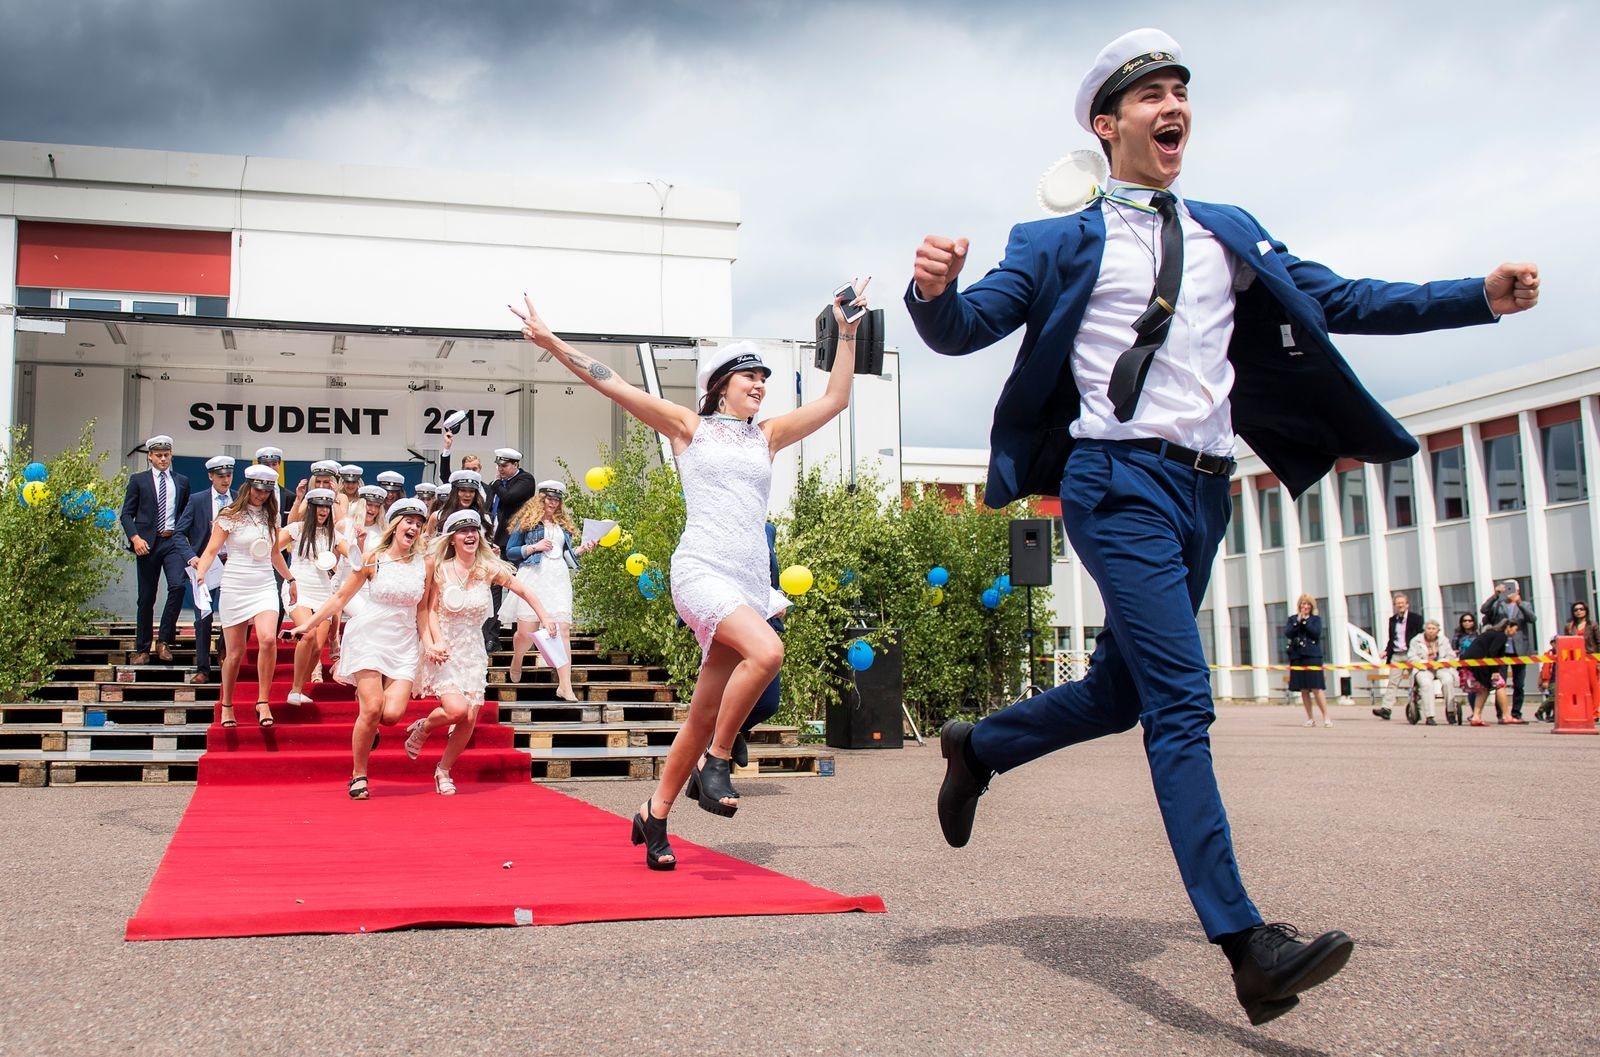 Studentutspring på Åkrahällsgymnasiet i Nybro 2017.